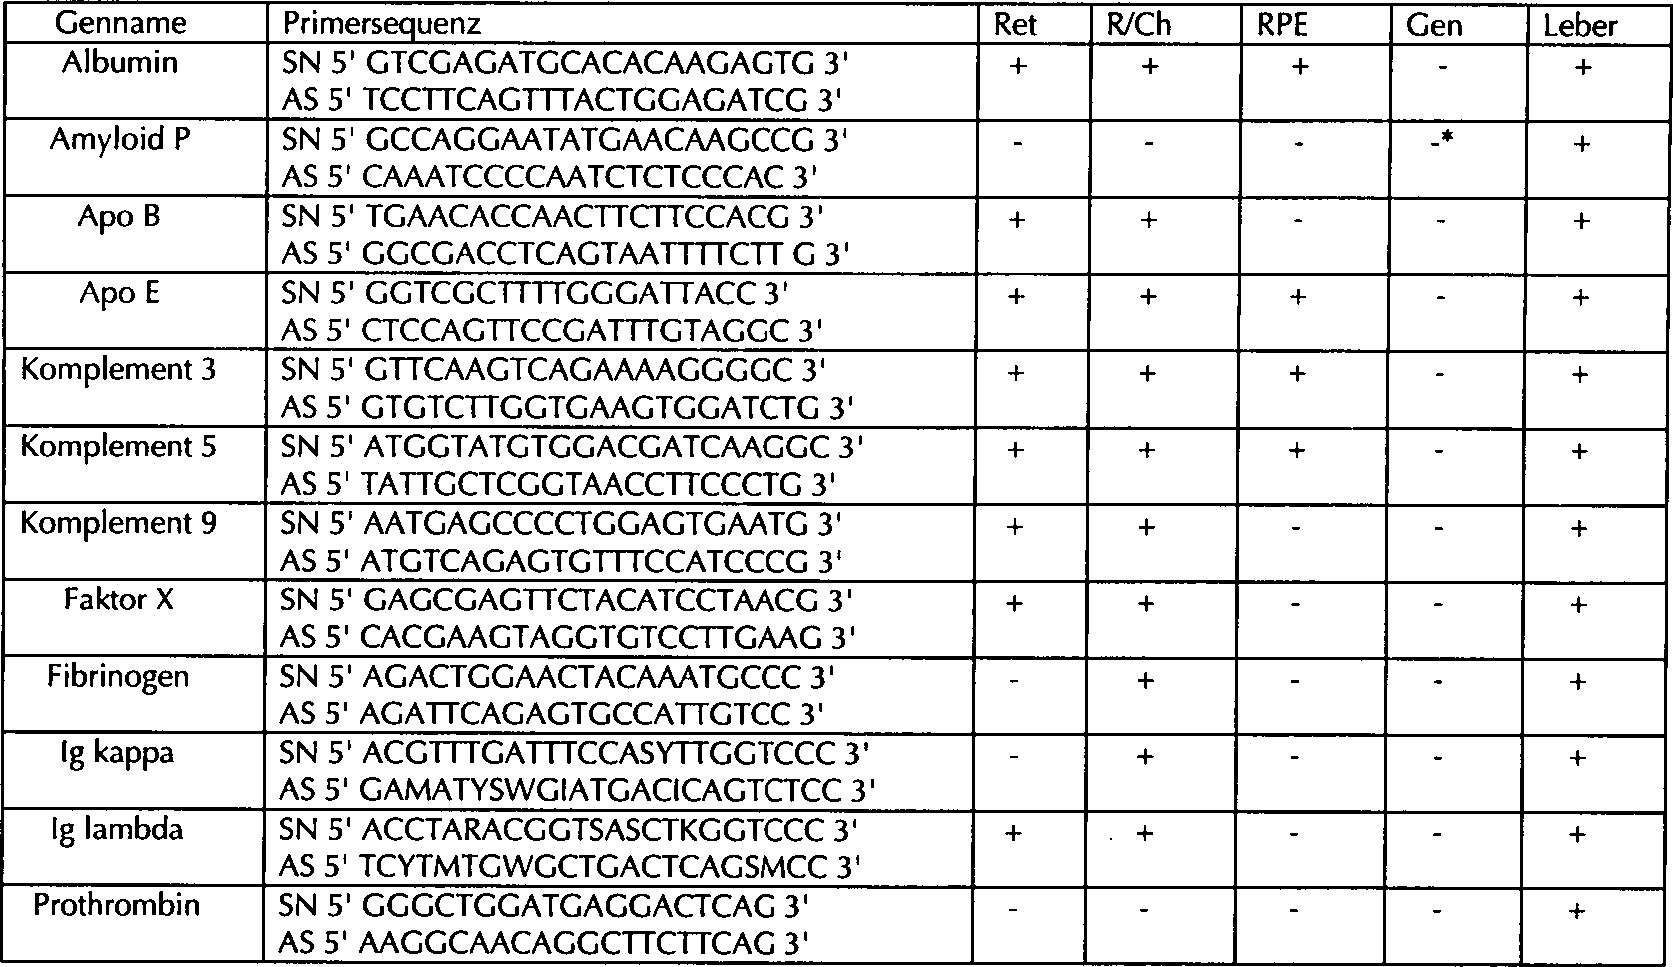 DE60031512T2 - Diagnostics and therapeutics for macular degeneration -  Google Patents